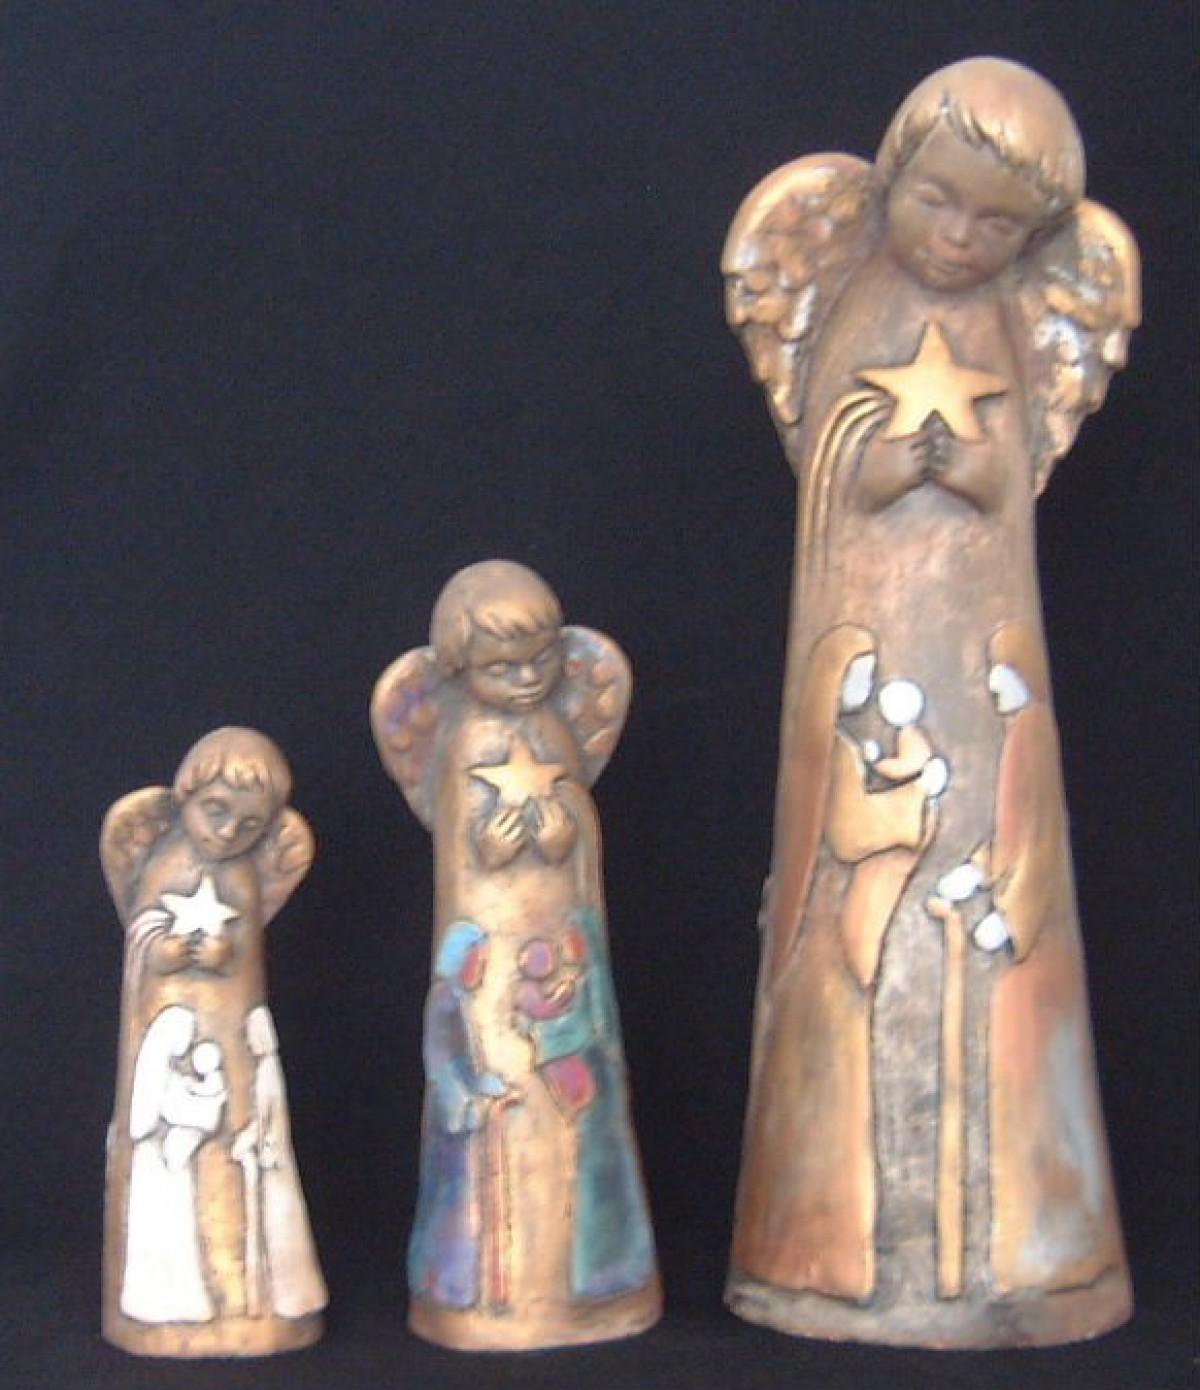 Anioły Gipsowe Figury Figurki Statuetki Posągi Rzeźby